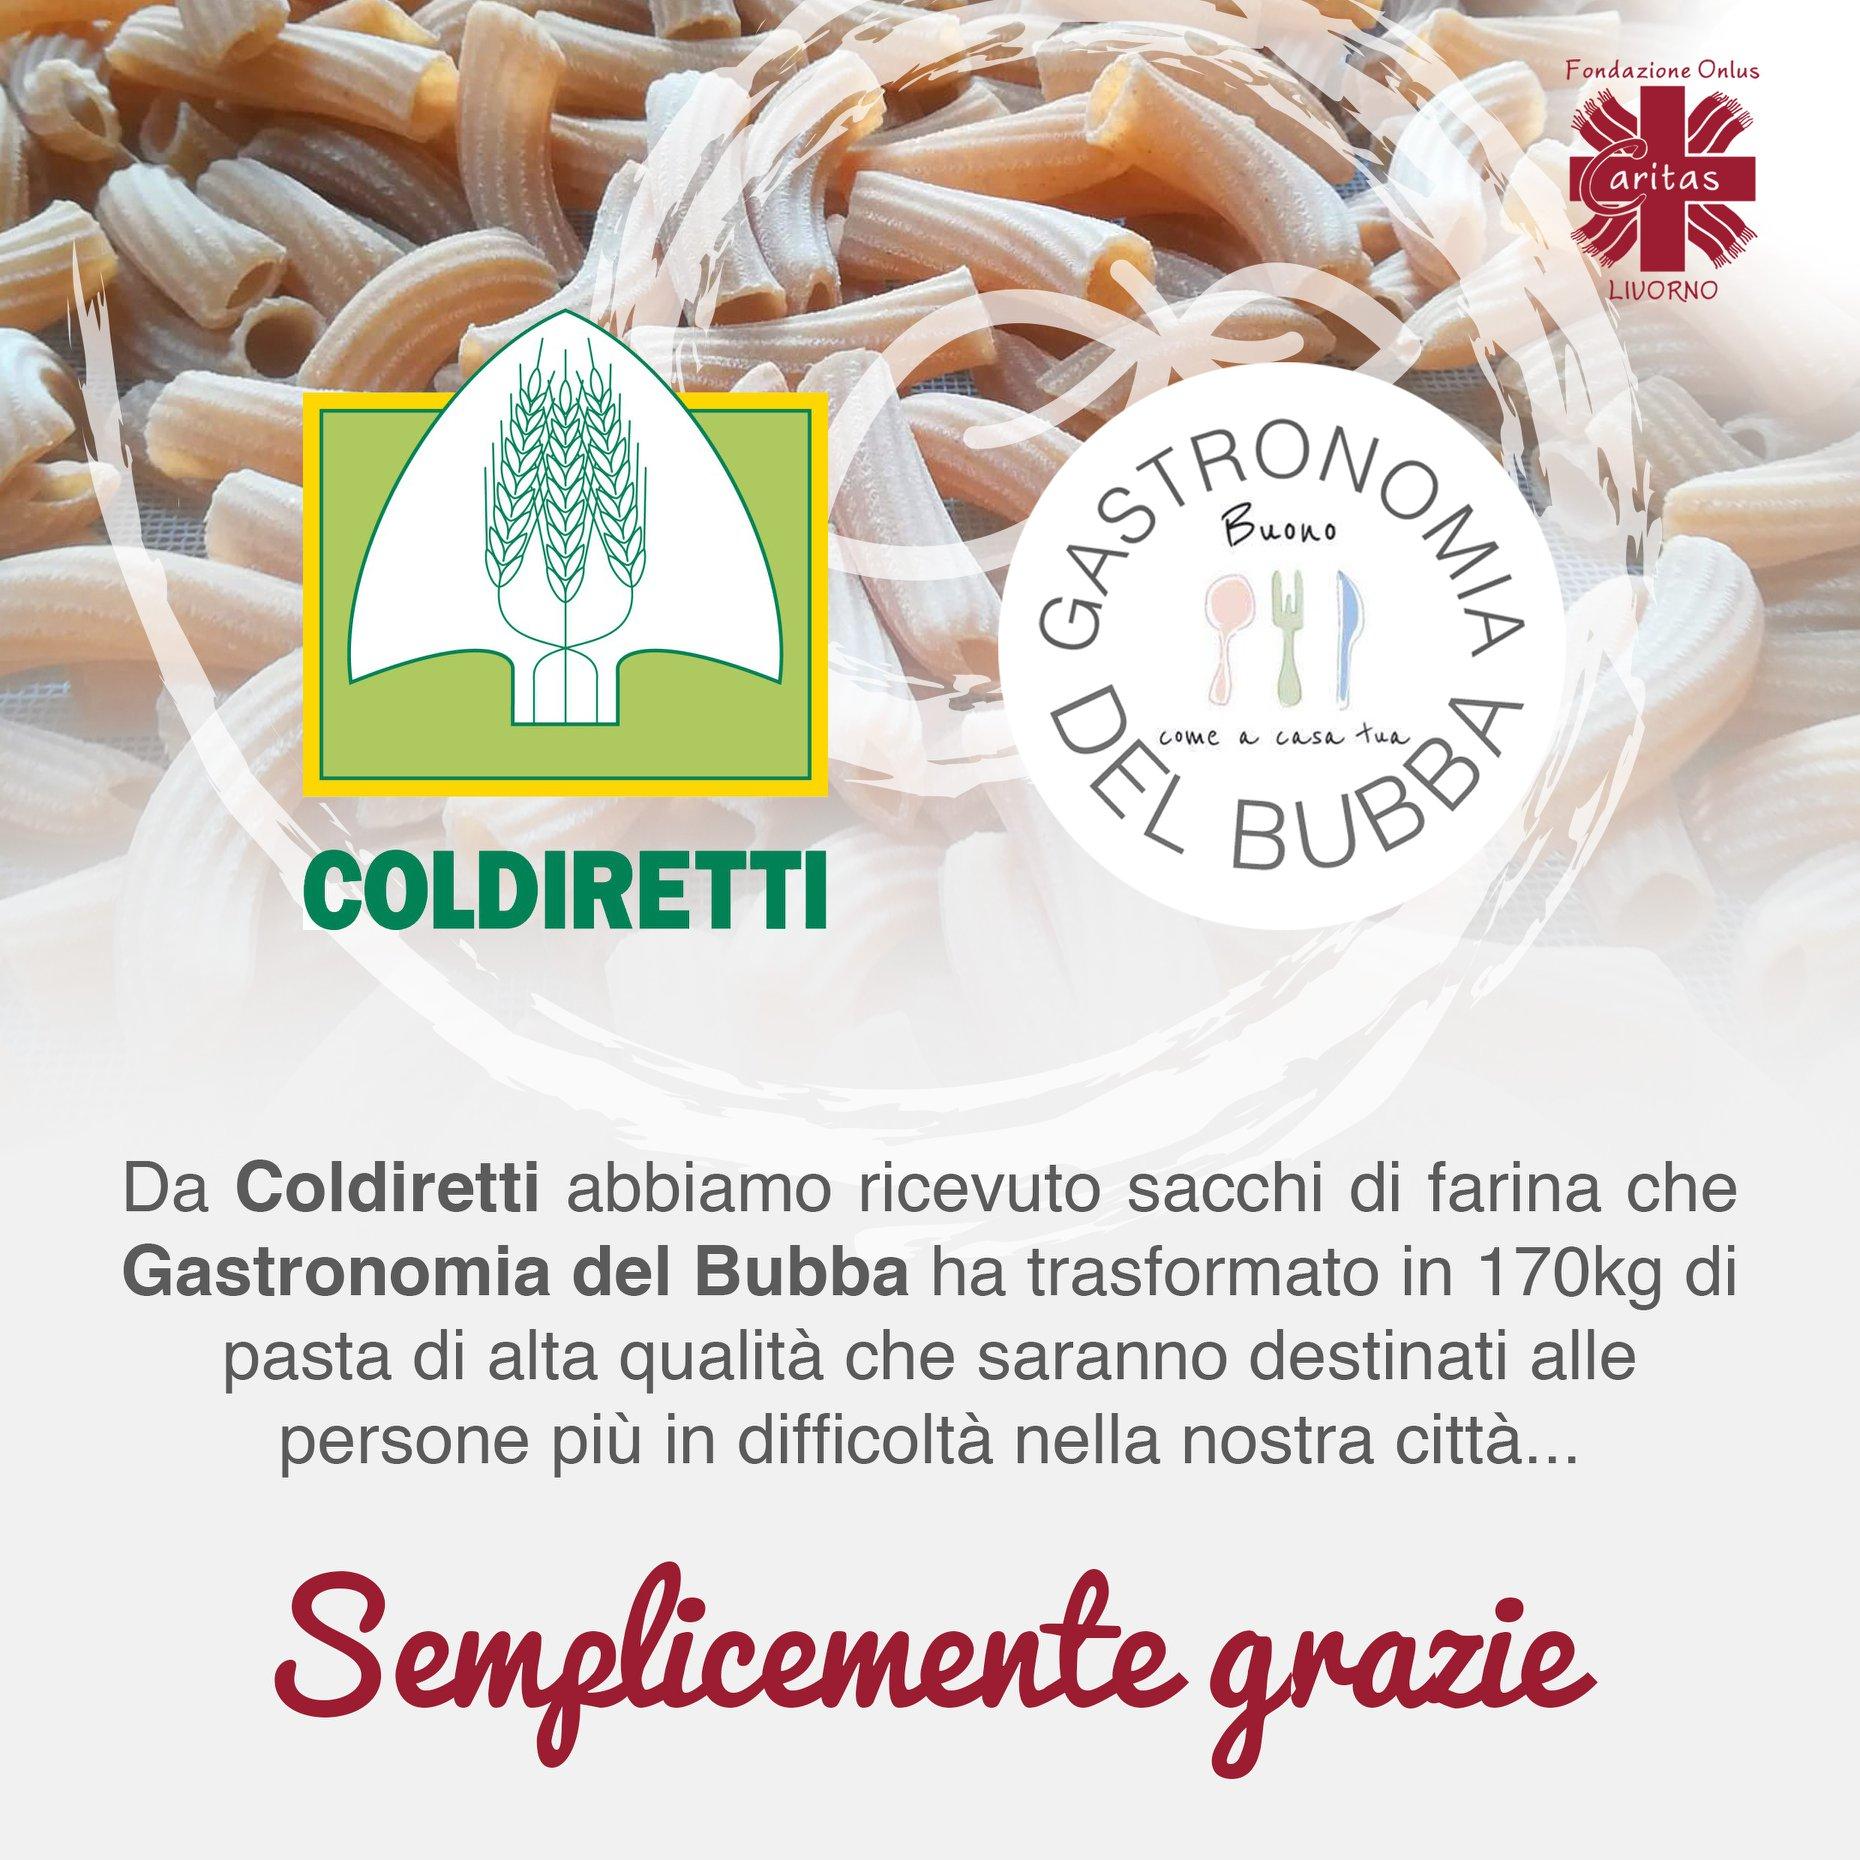 Grazie di cuore a Coldiretti e Gastronomia del Bubba